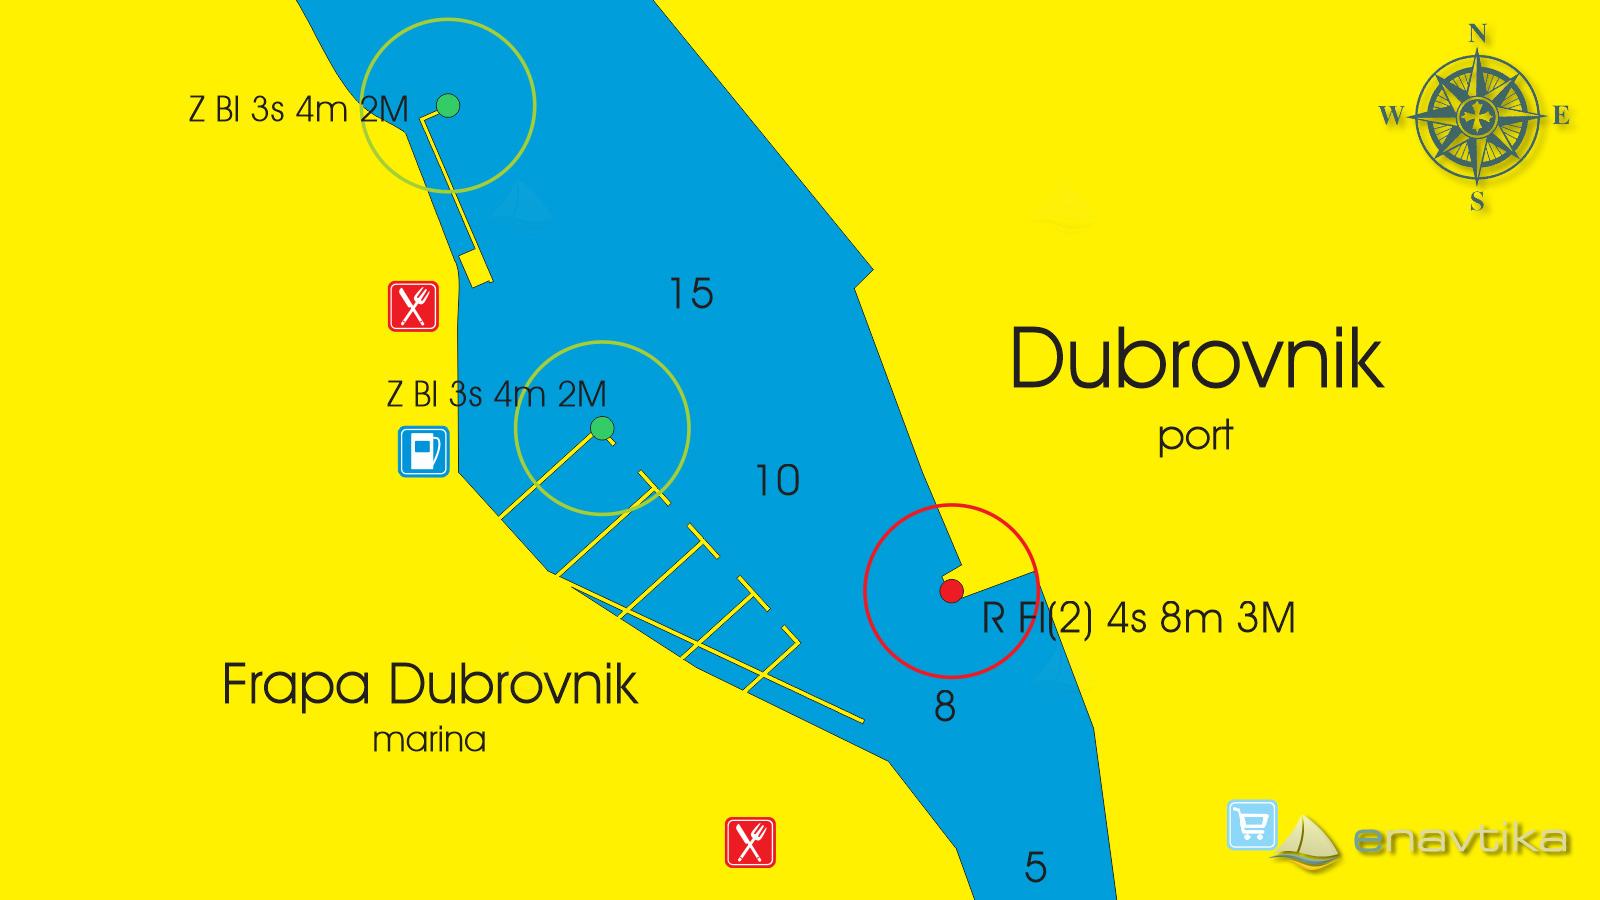 Slika Frapa Dubrovnik 2